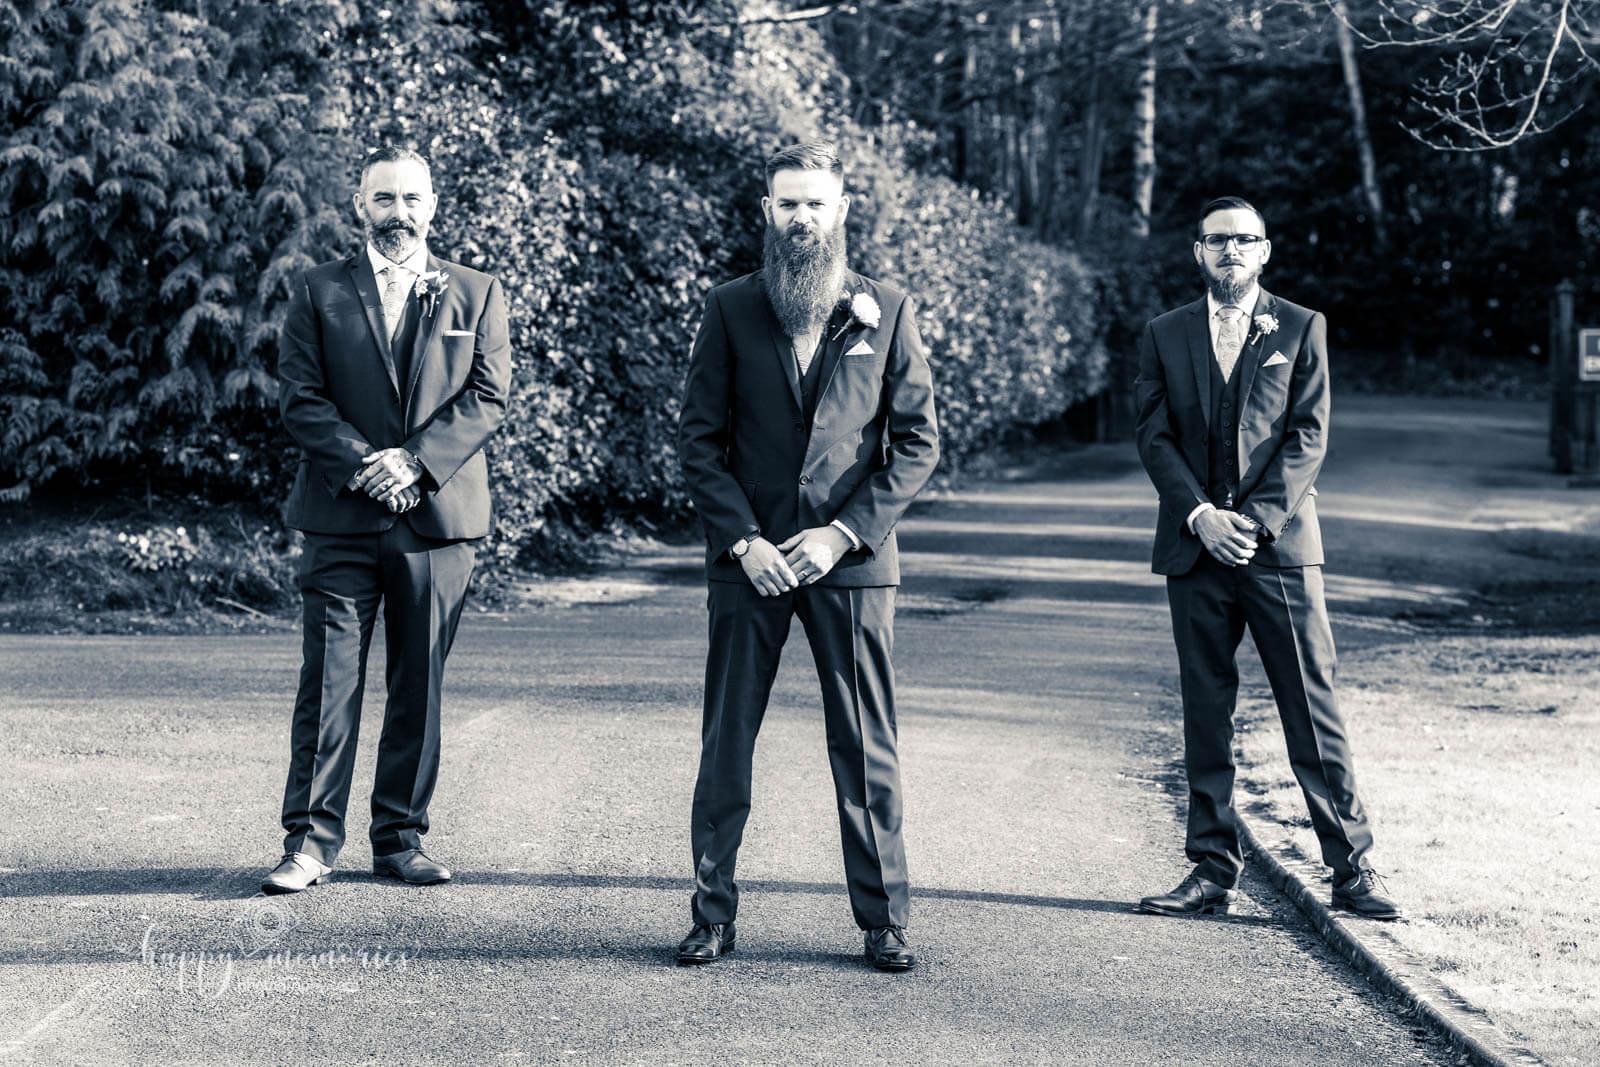 Wedding photographer Crawley-31